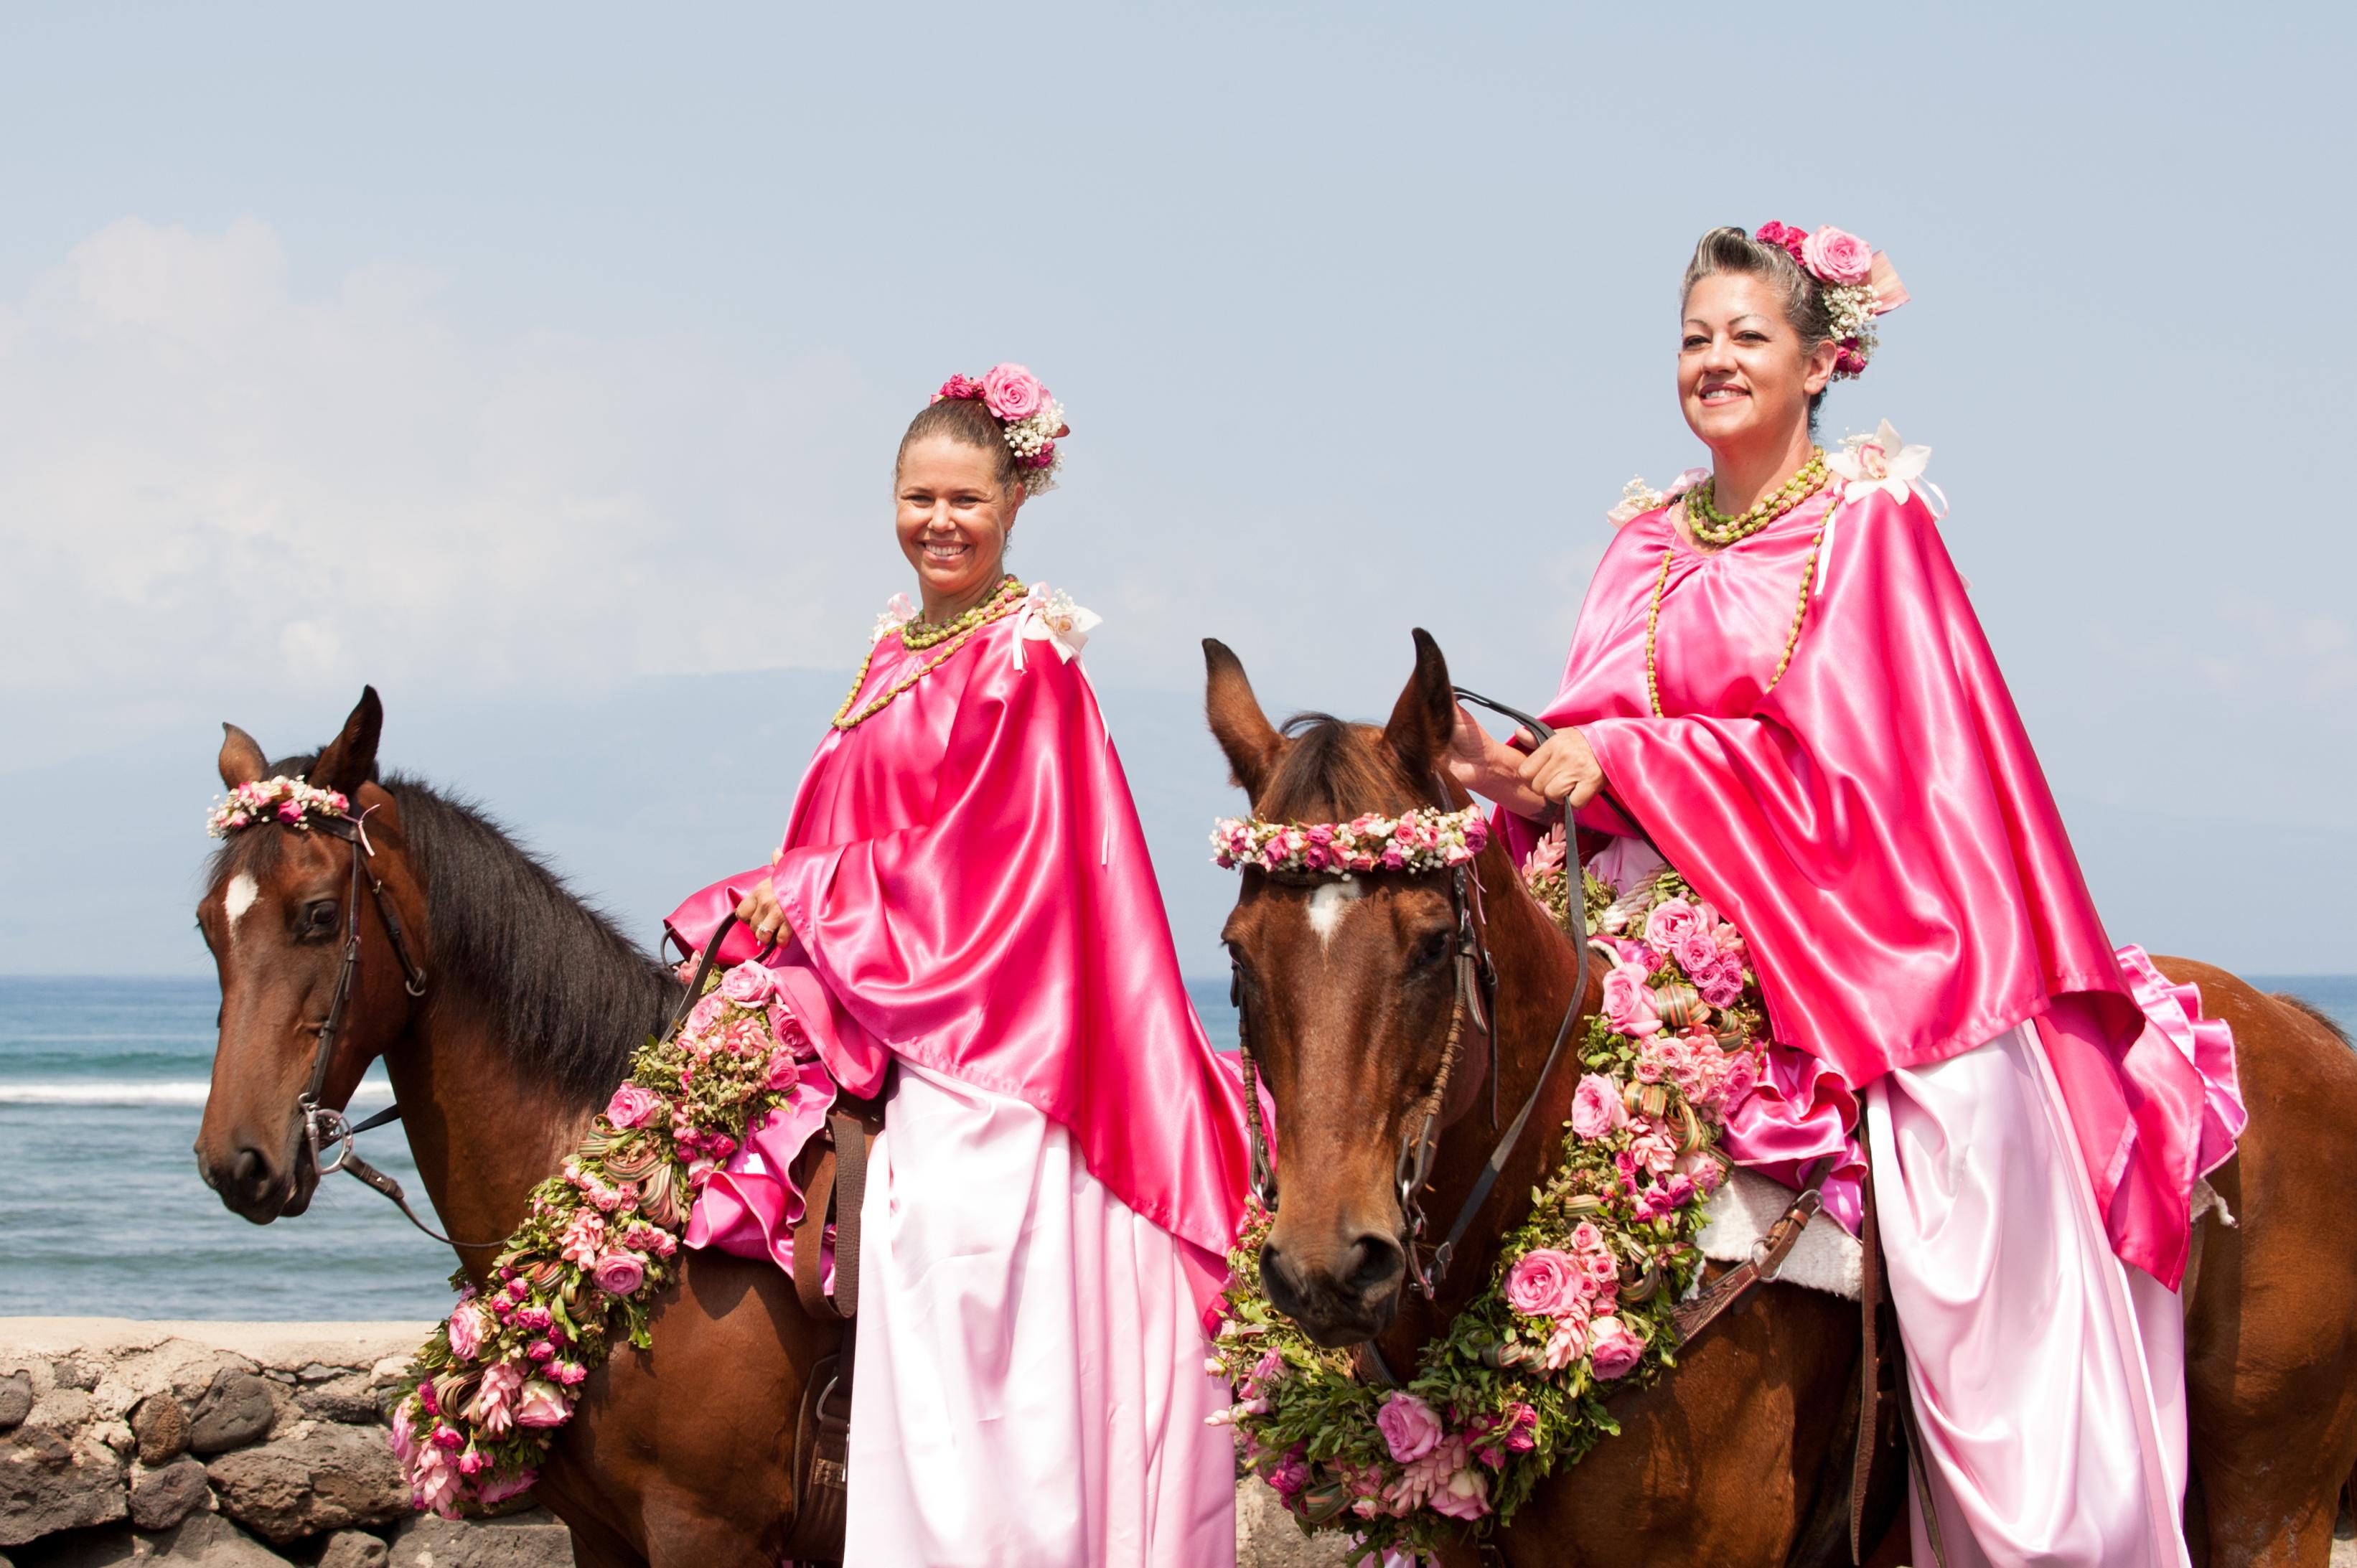 2021 Nā Kamehameha Commemorative Pā'ū Parade and Ho'olaule'a Call for Entries